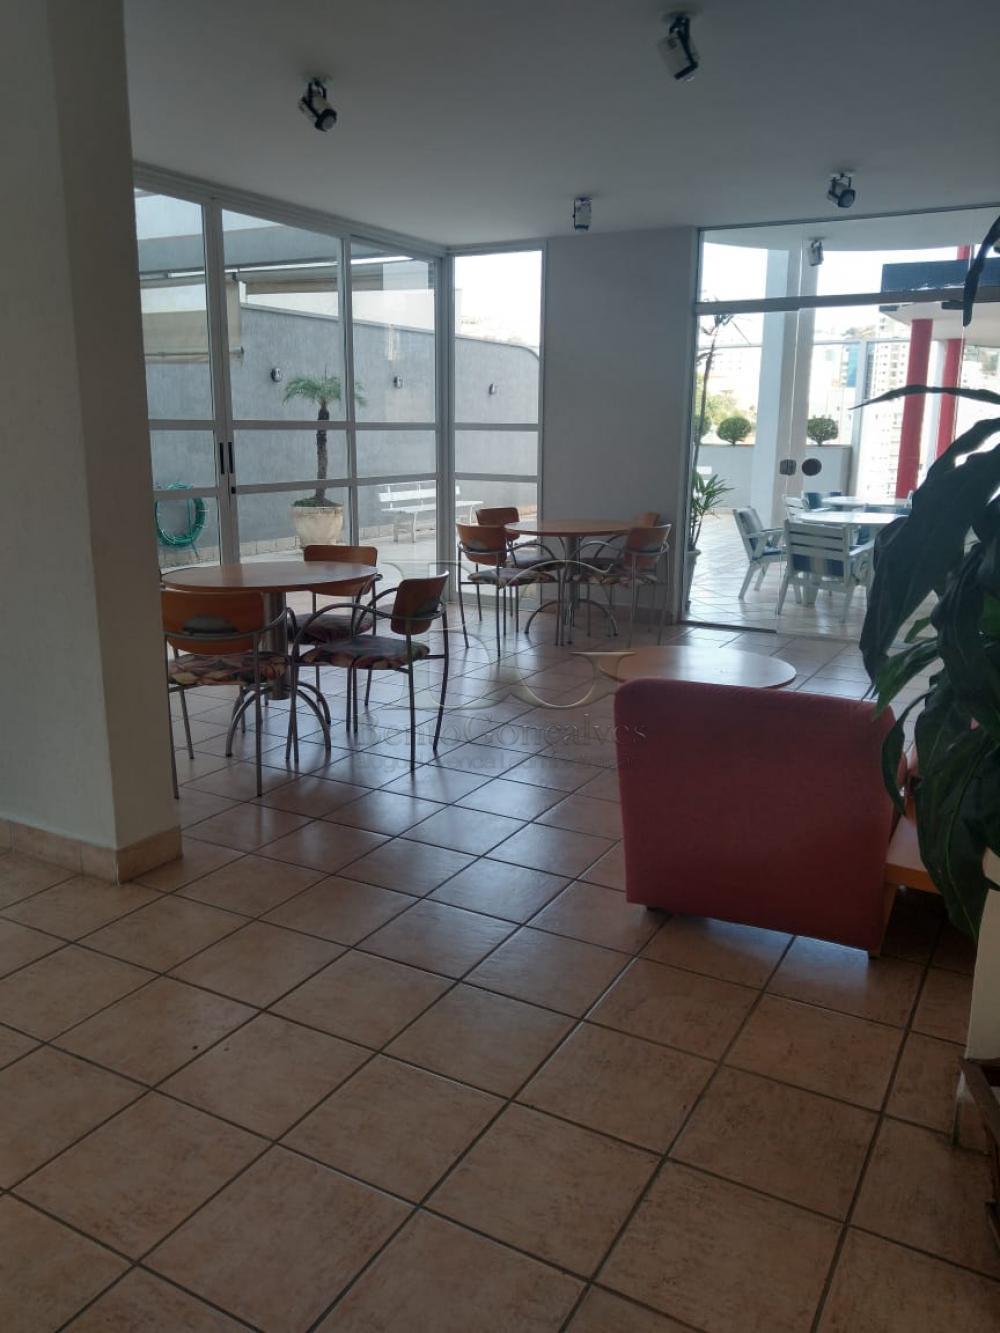 Comprar Apartamentos / Padrão em Poços de Caldas apenas R$ 250.000,00 - Foto 9